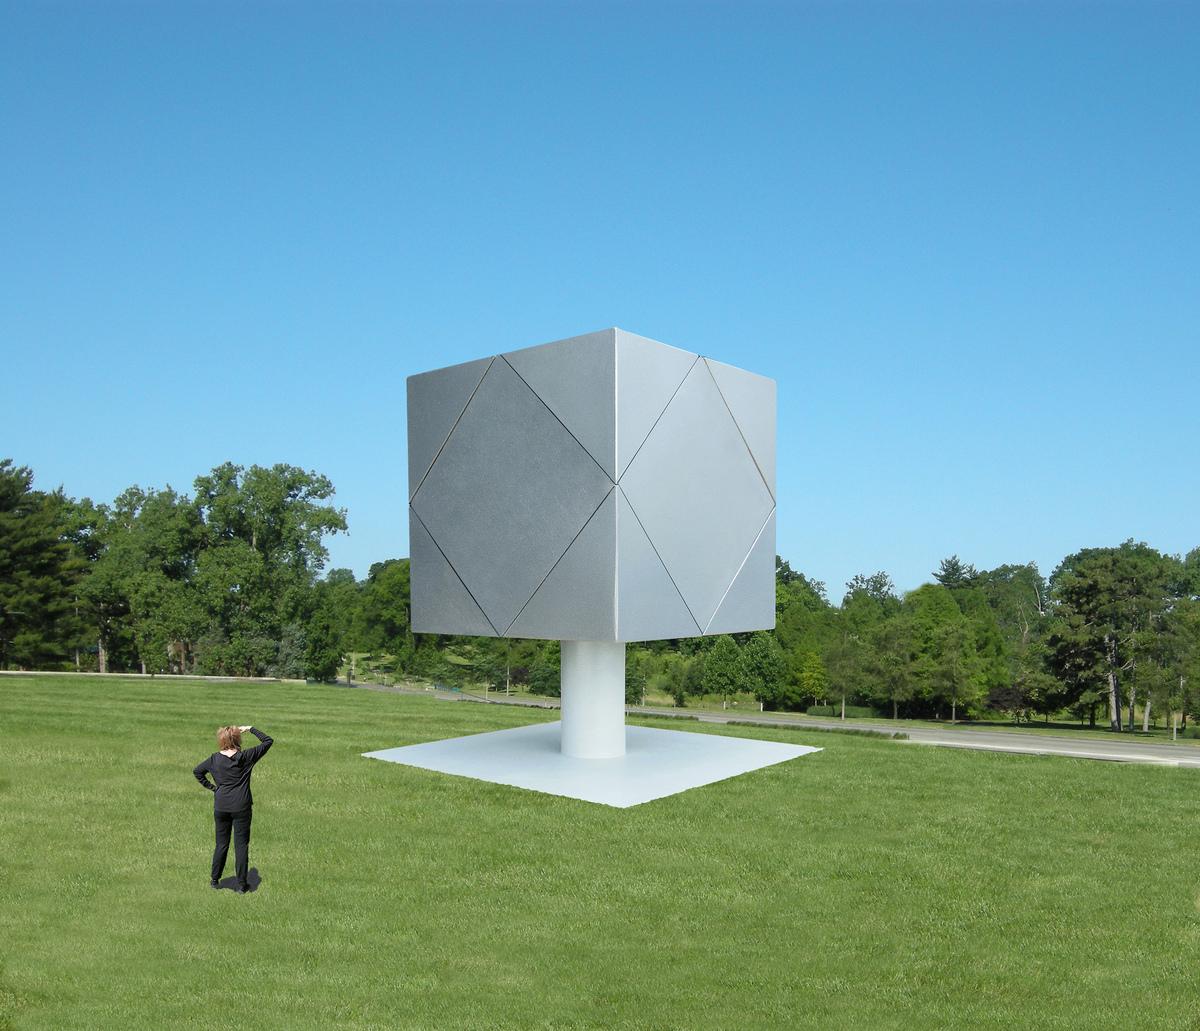 The original cube form.